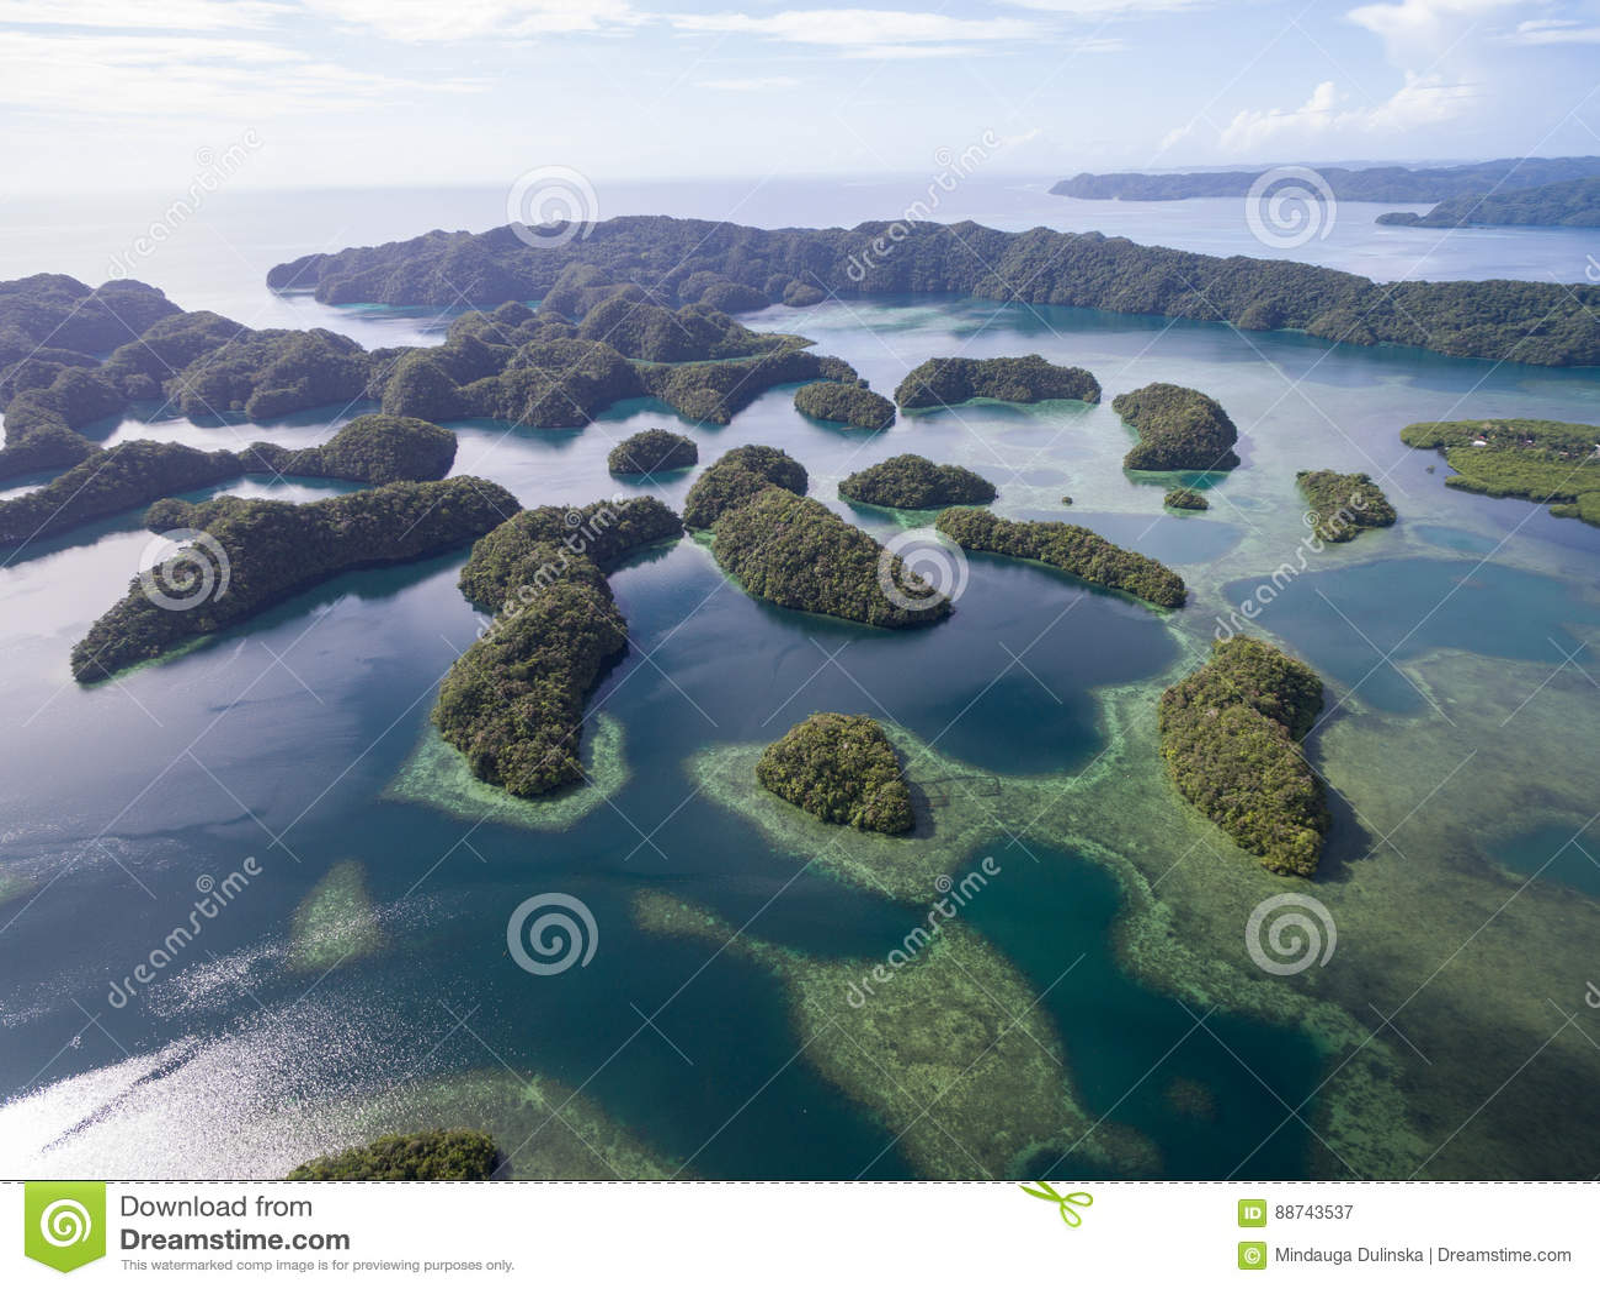 Kororeiland in Palau Archipel, een deel van het Gebied van Micronesië